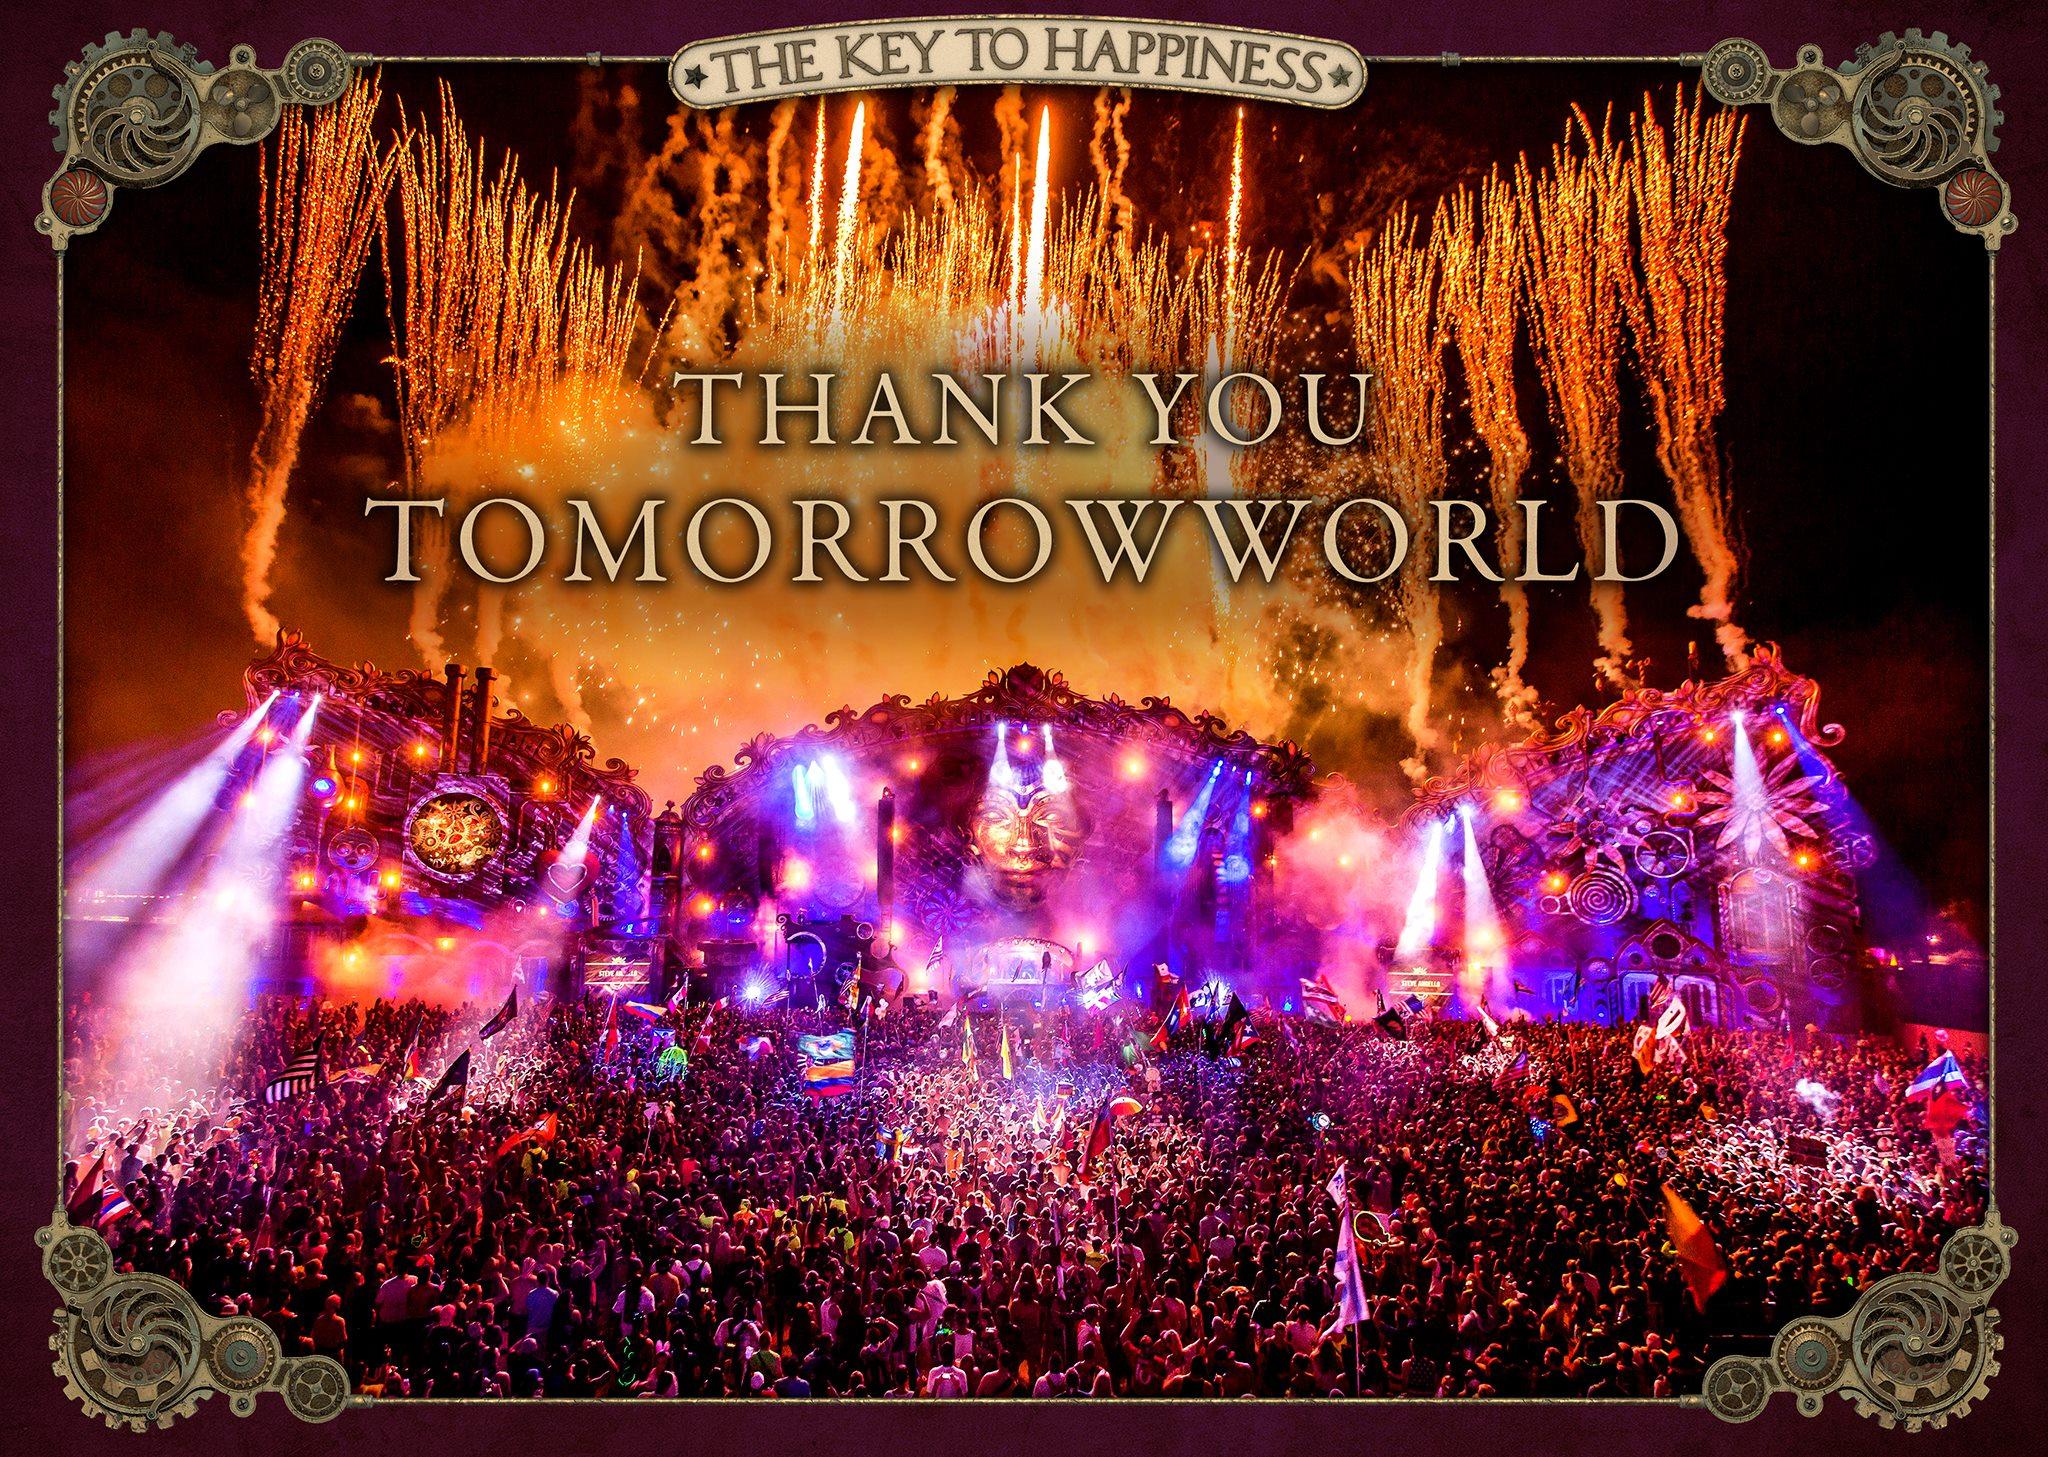 TomorrowWorld 2015 Thank you